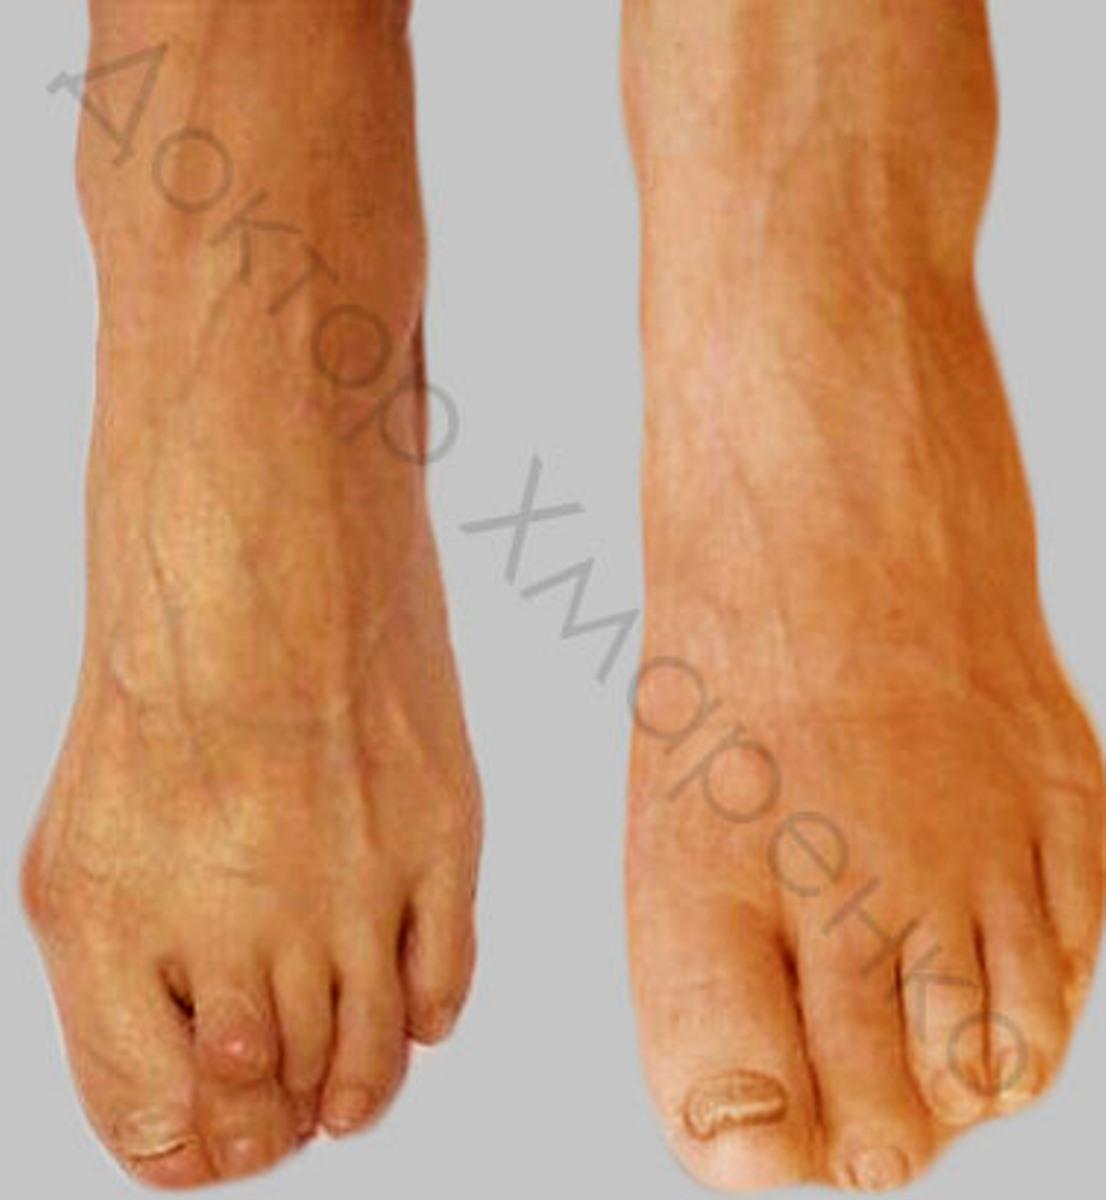 ревматоидный полиартрит, hallux valgus, молоткообразная деформация 2-го пальца